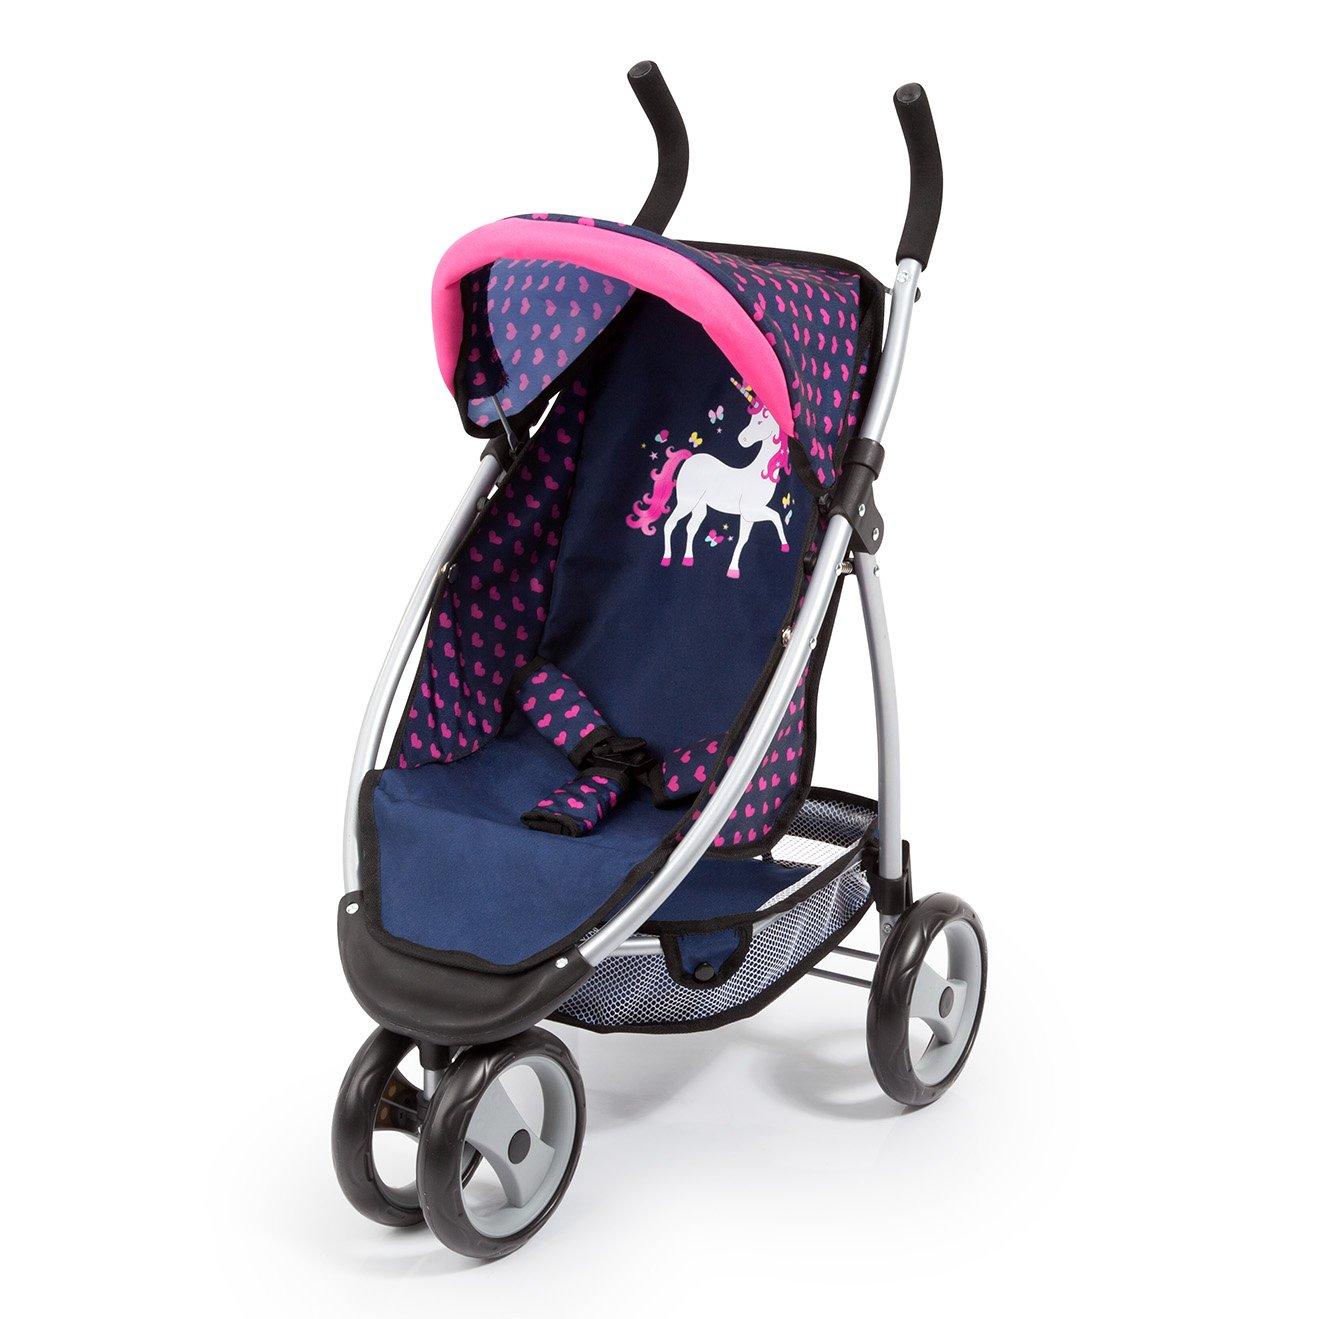 Bayer Design Cochecito de Muñeca con Cinturón de Seguridad, Color: Azul/Rosa (